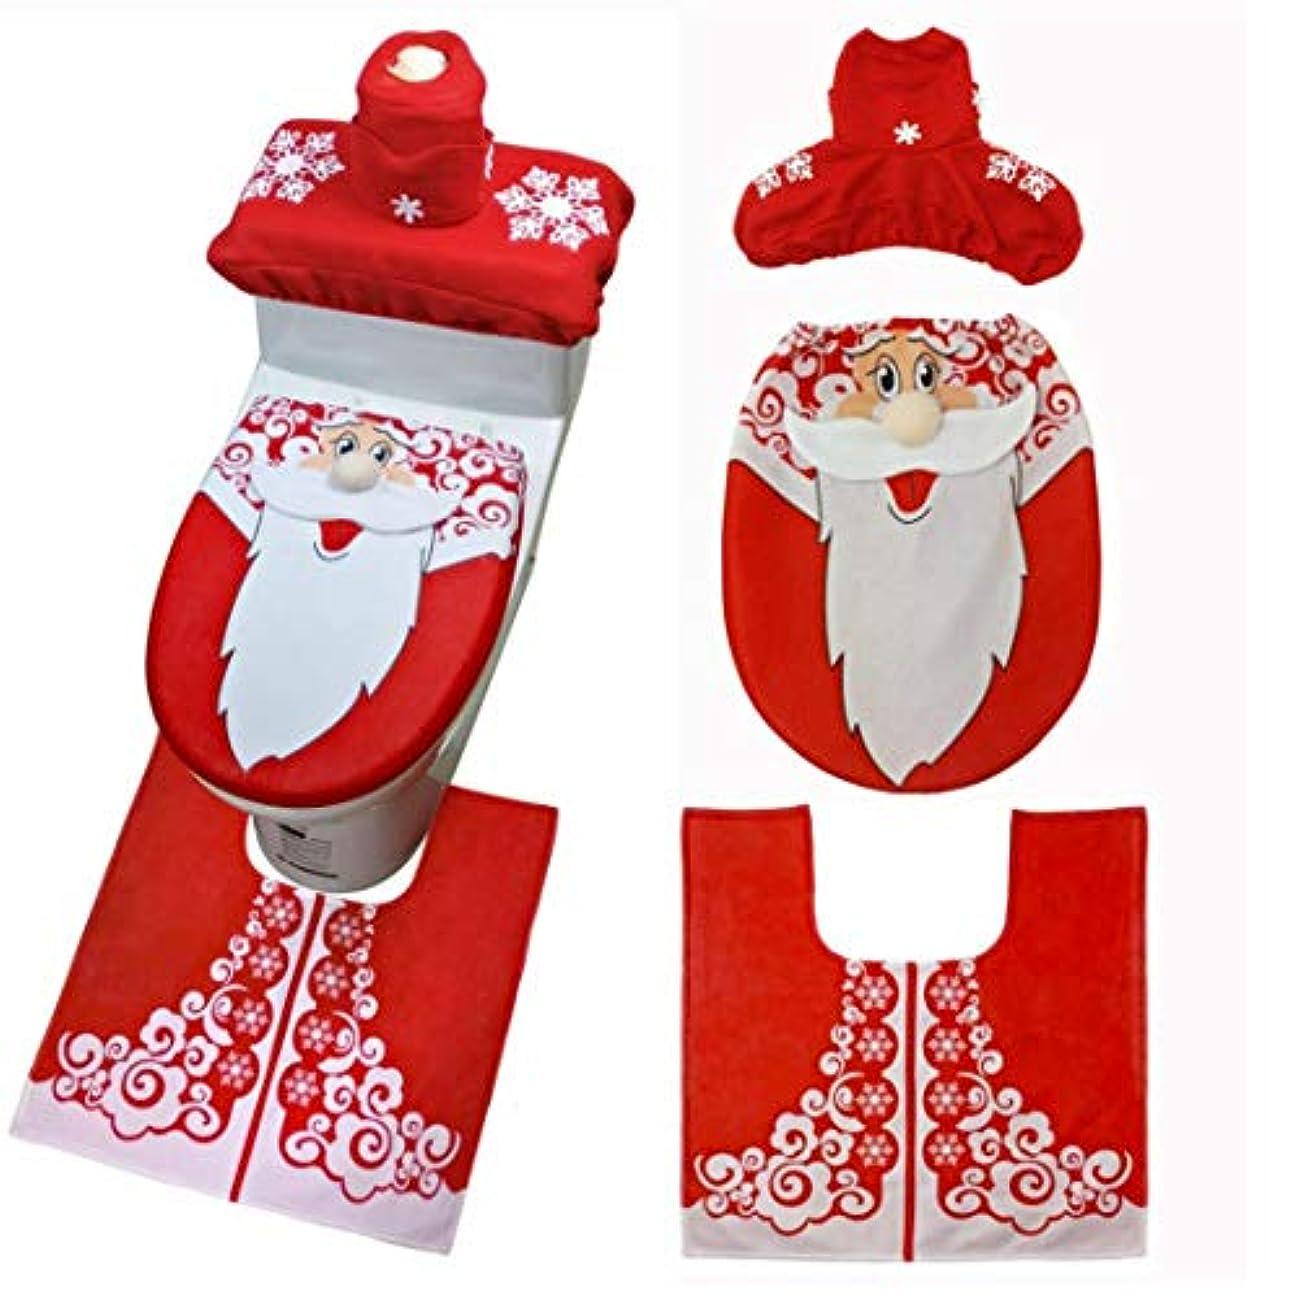 便宜自我柔らかいSwiftgood 3ピースクリスマストイレシート&カバーサンタクロースバスルームマットクリスマスかわいい装飾